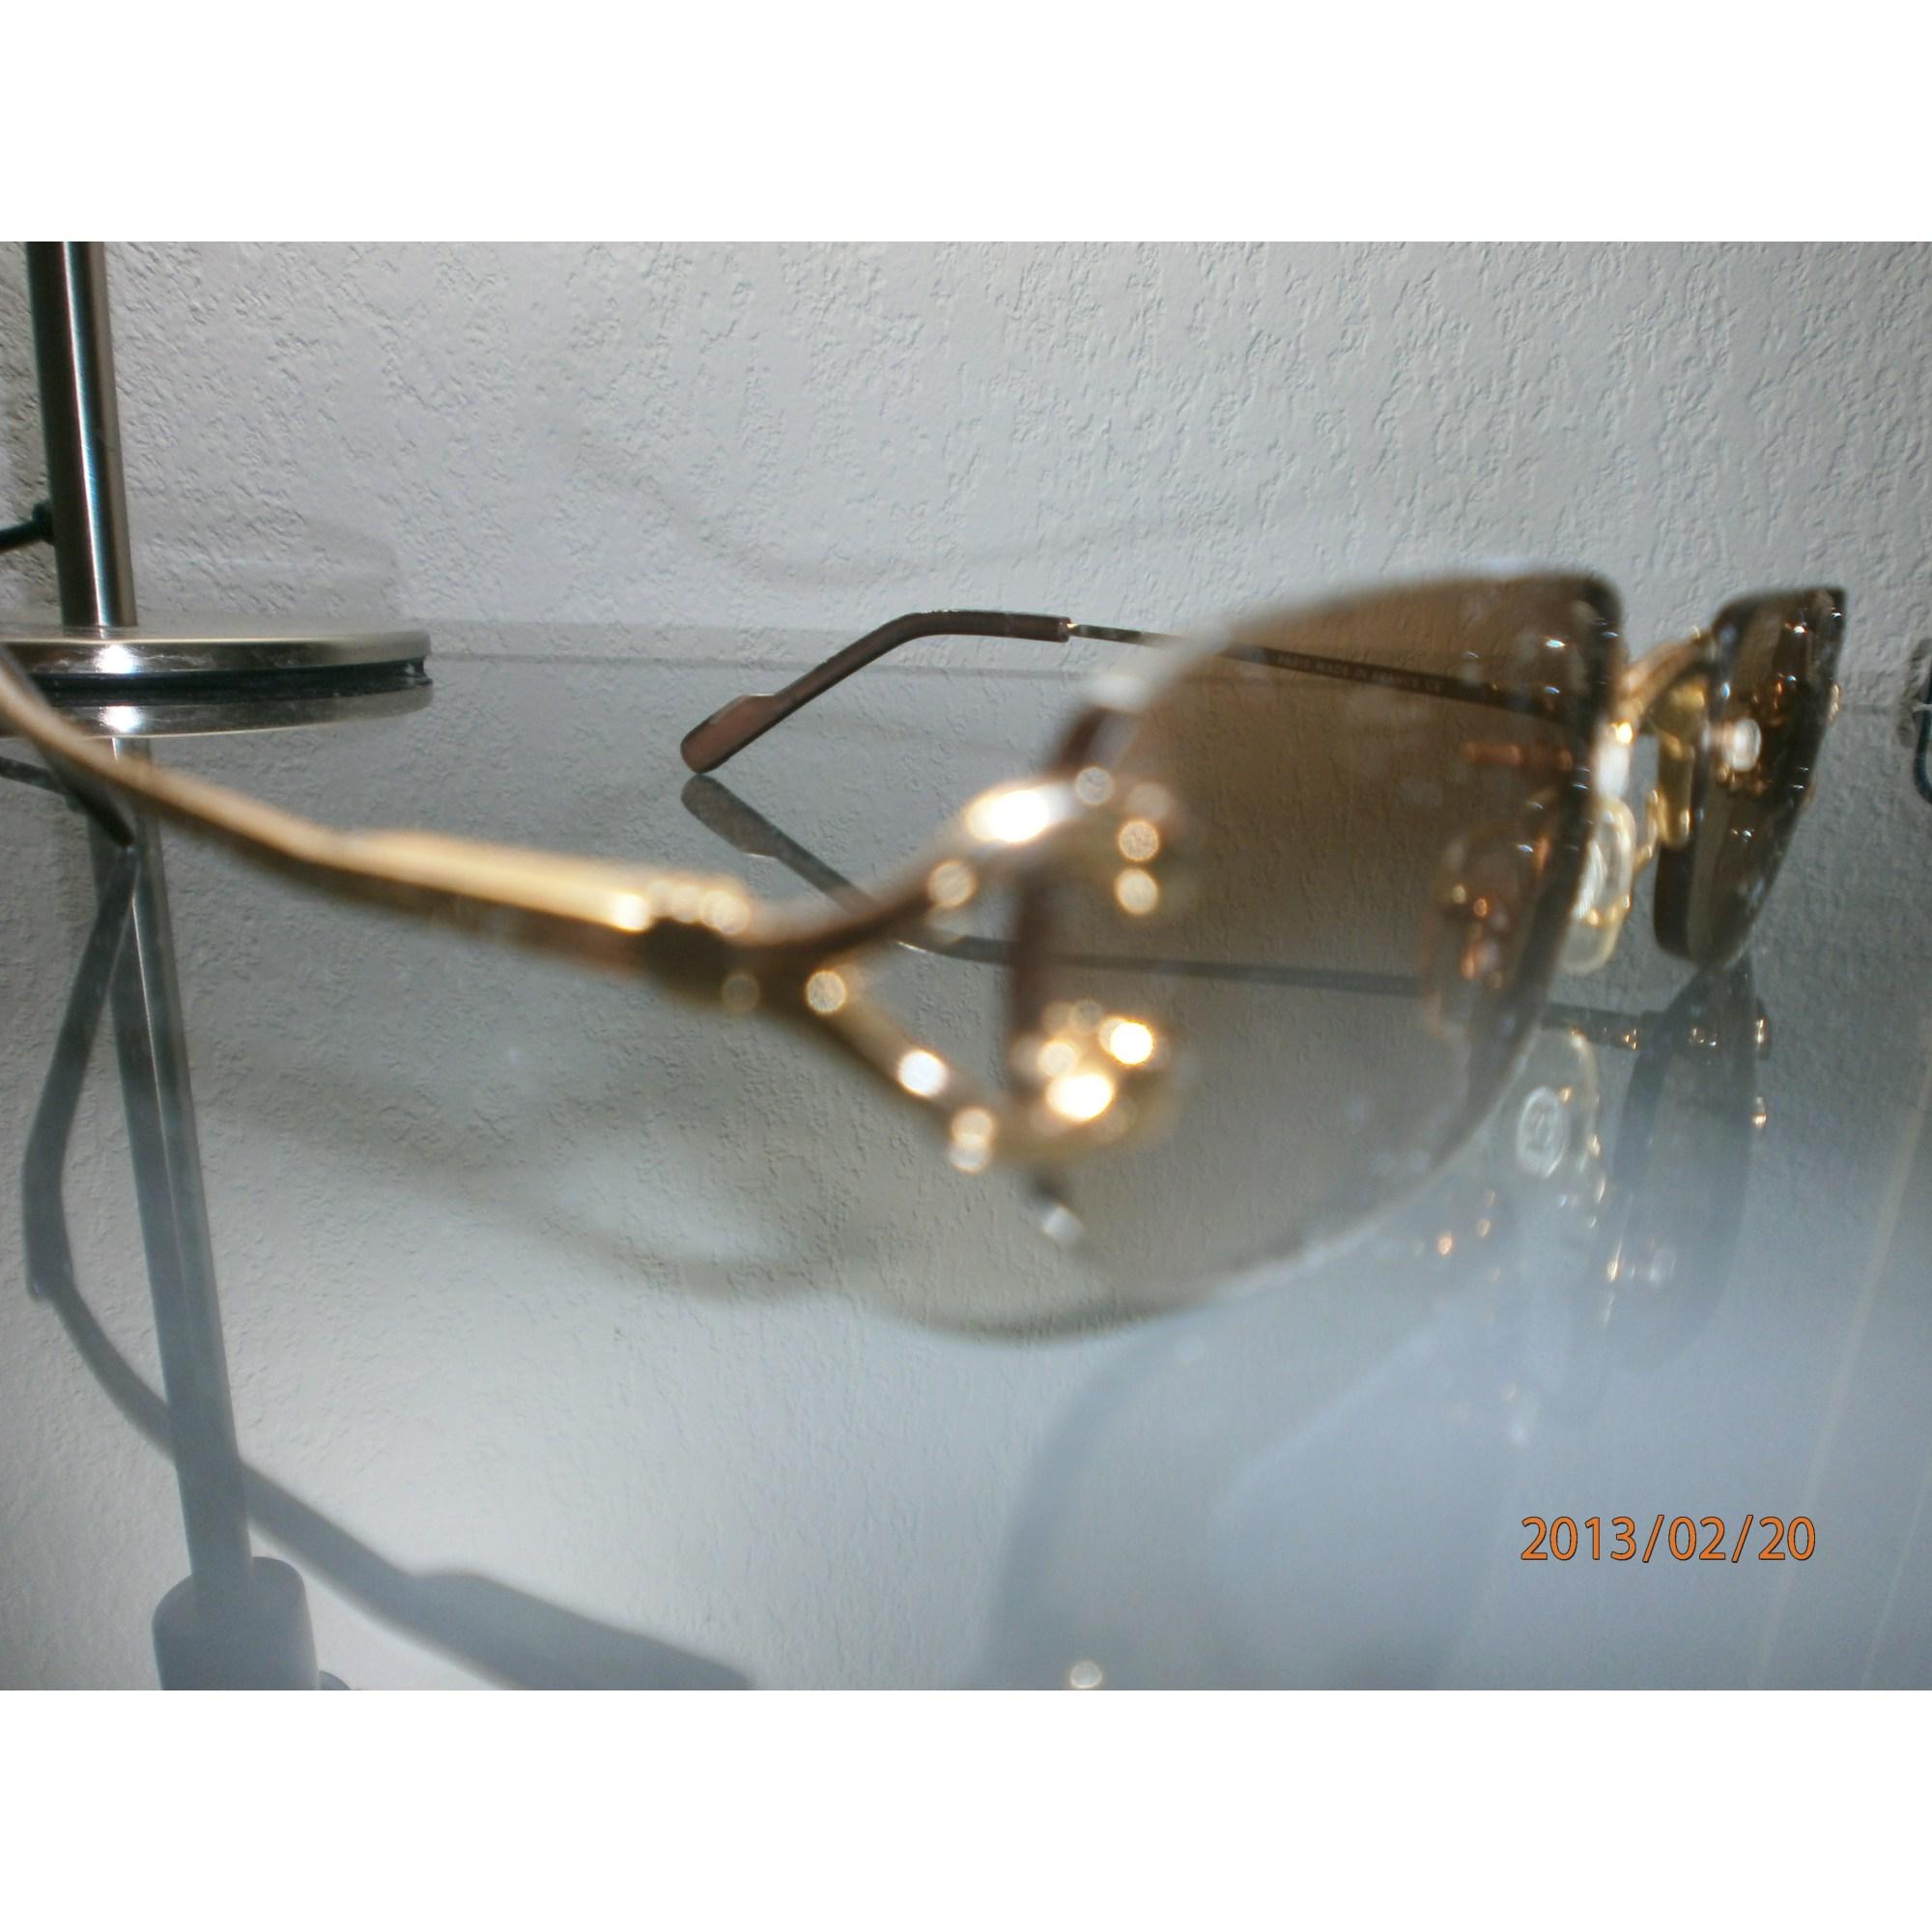 7142ebeb94d Lunettes de soleil CARTIER doré vendu par Shopname275964 - 1195544